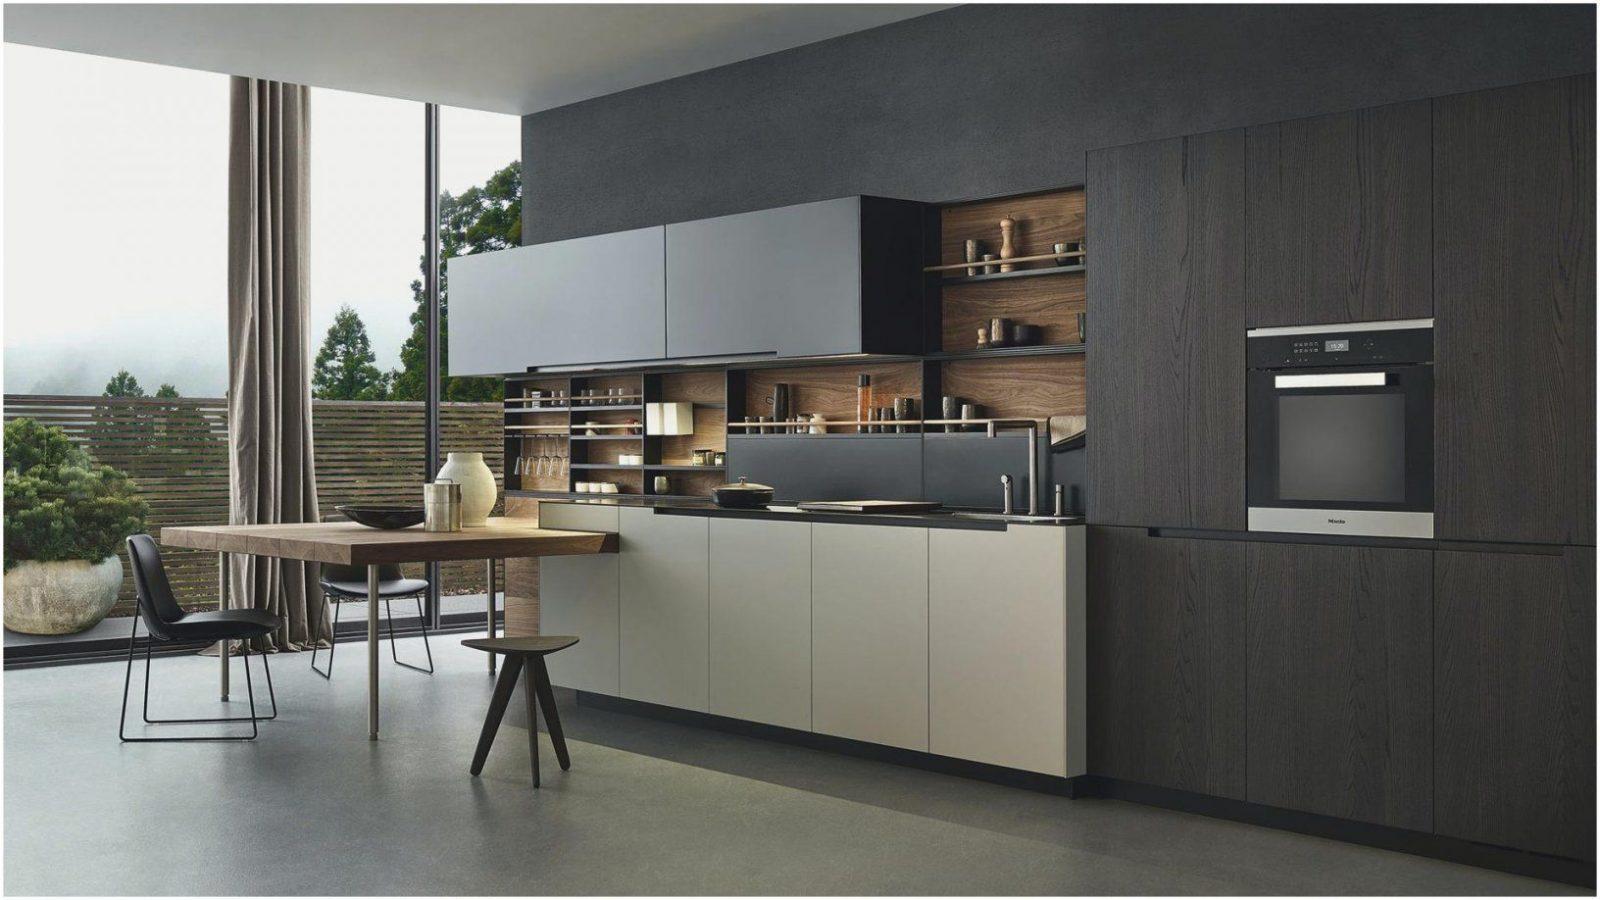 Küche Mit Kochinsel Und Tisch Best Of Kochinsel Mit Integriertem von Küche Mit Integriertem Tisch Bild